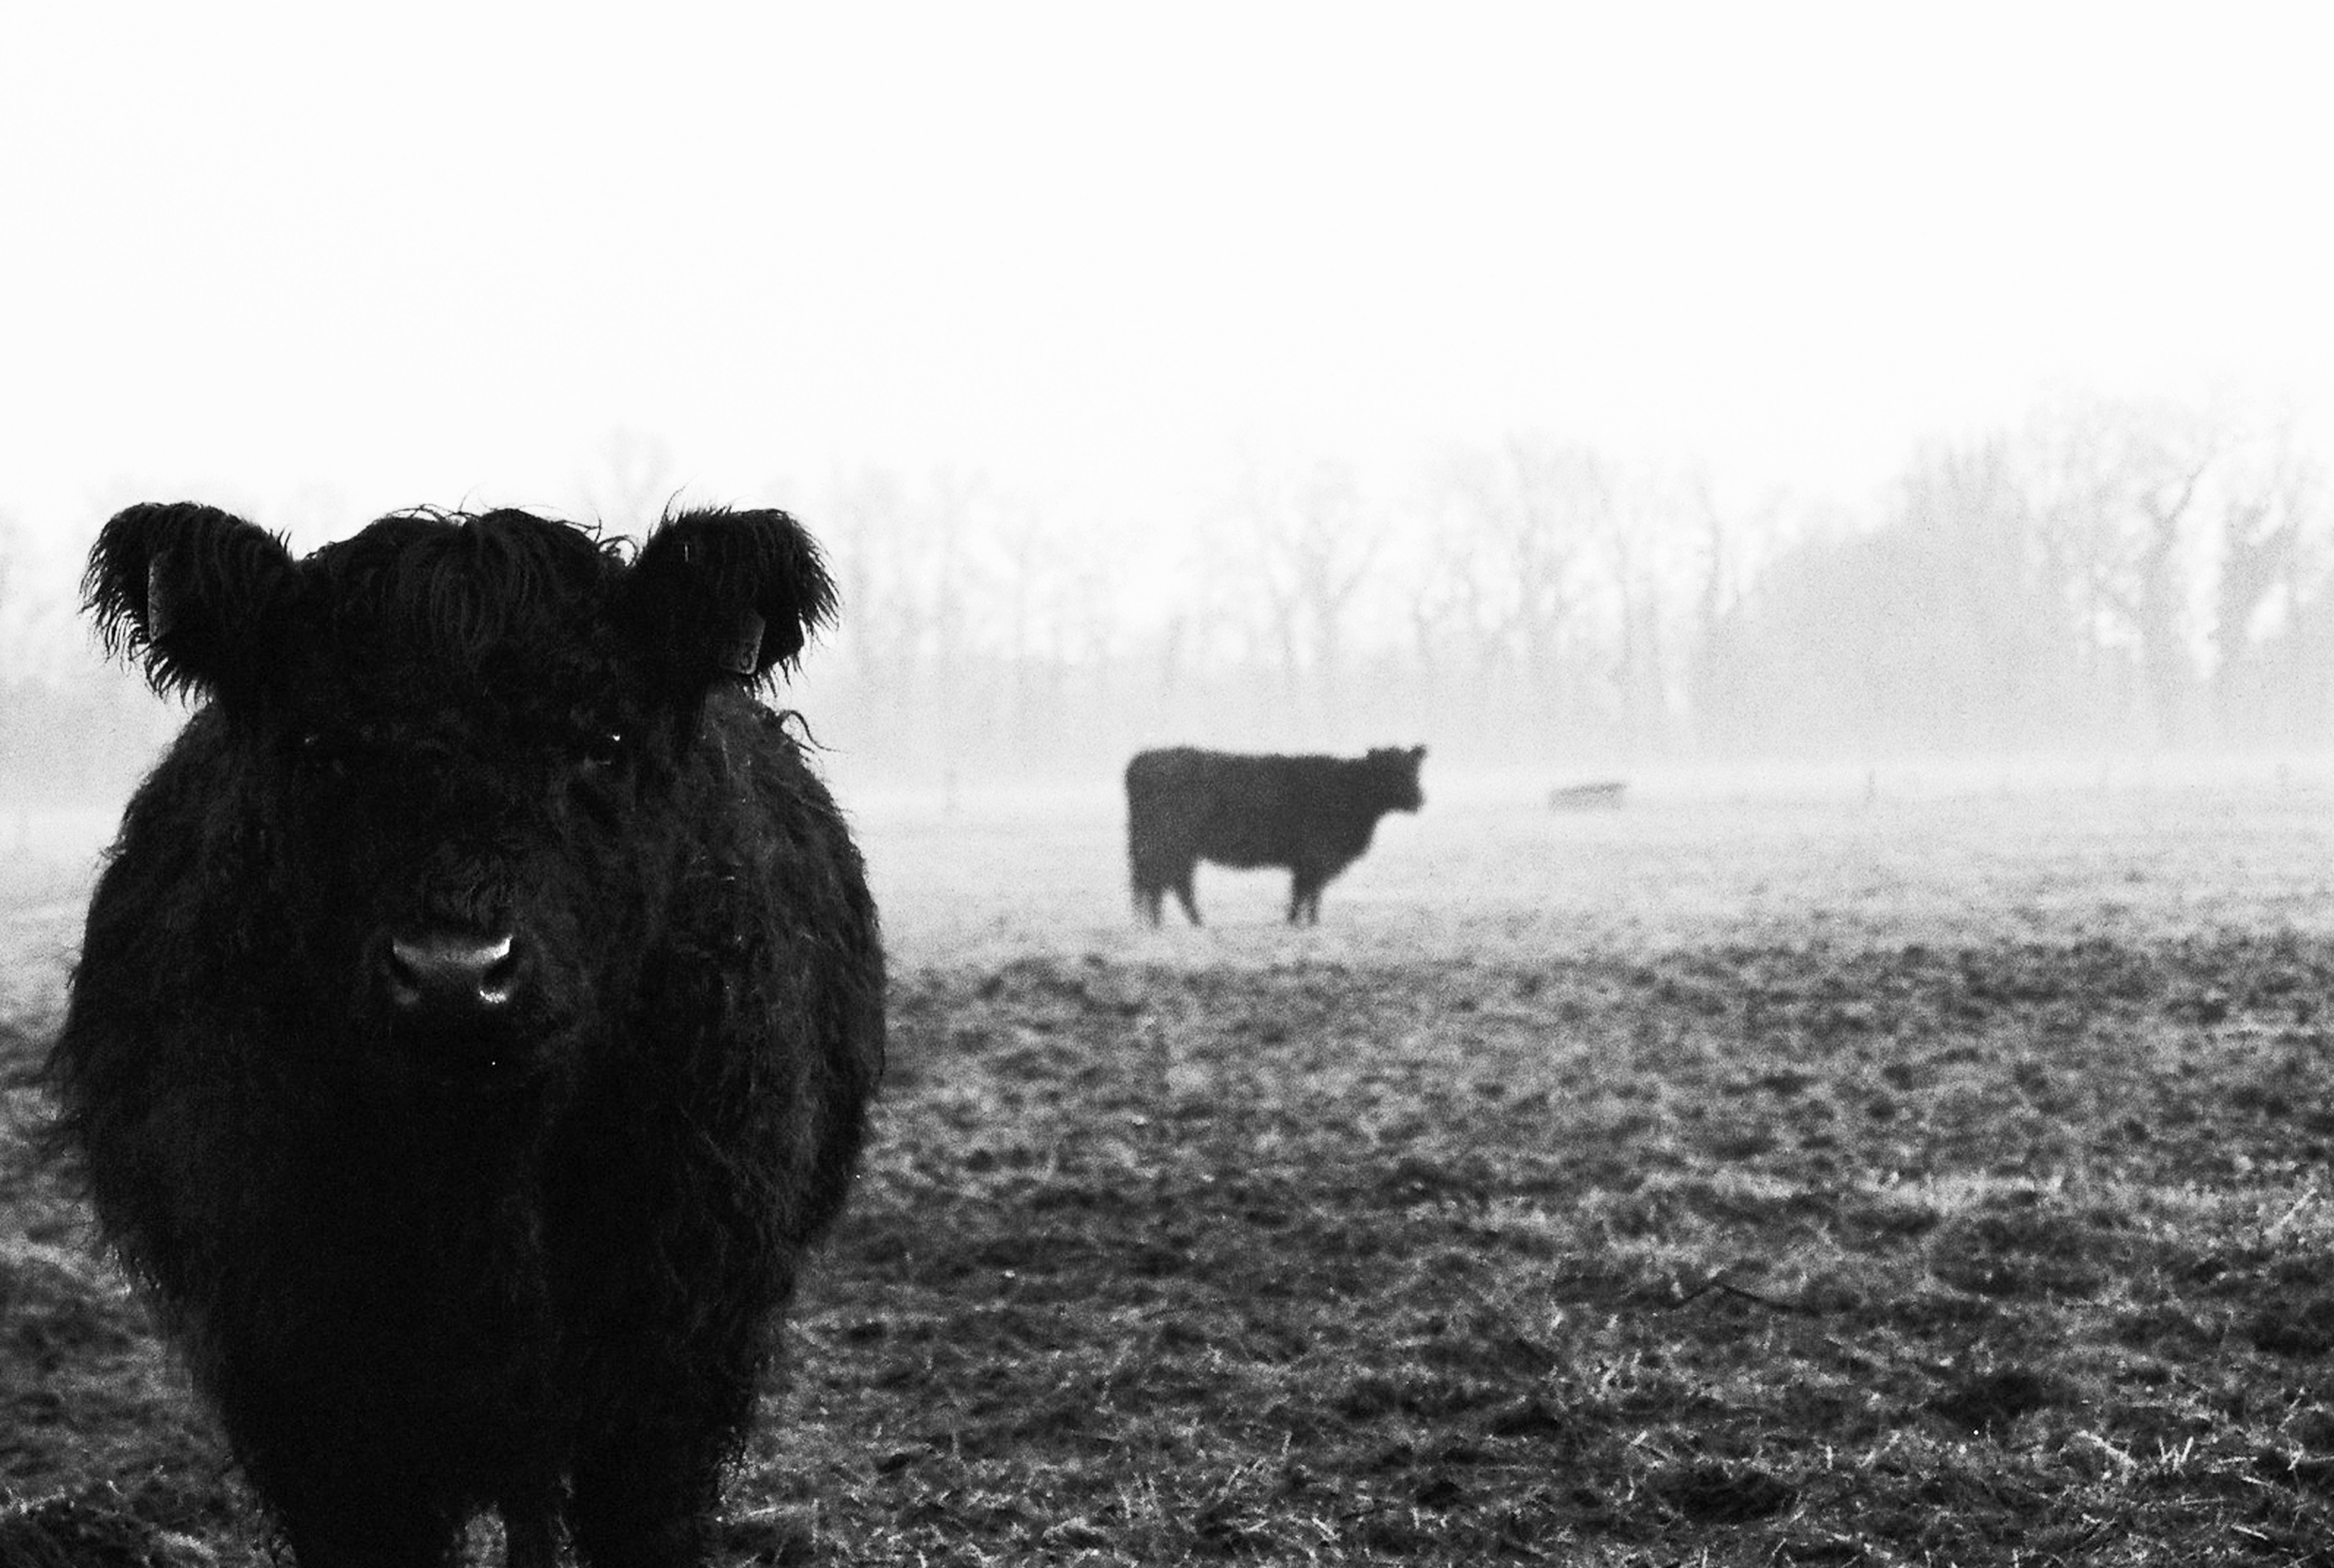 Jurjen Poeles Fotografie Jur zwart/wit zwart wit het lage land 't lage land wiede weide Giethoorn kunst kunstfotografie